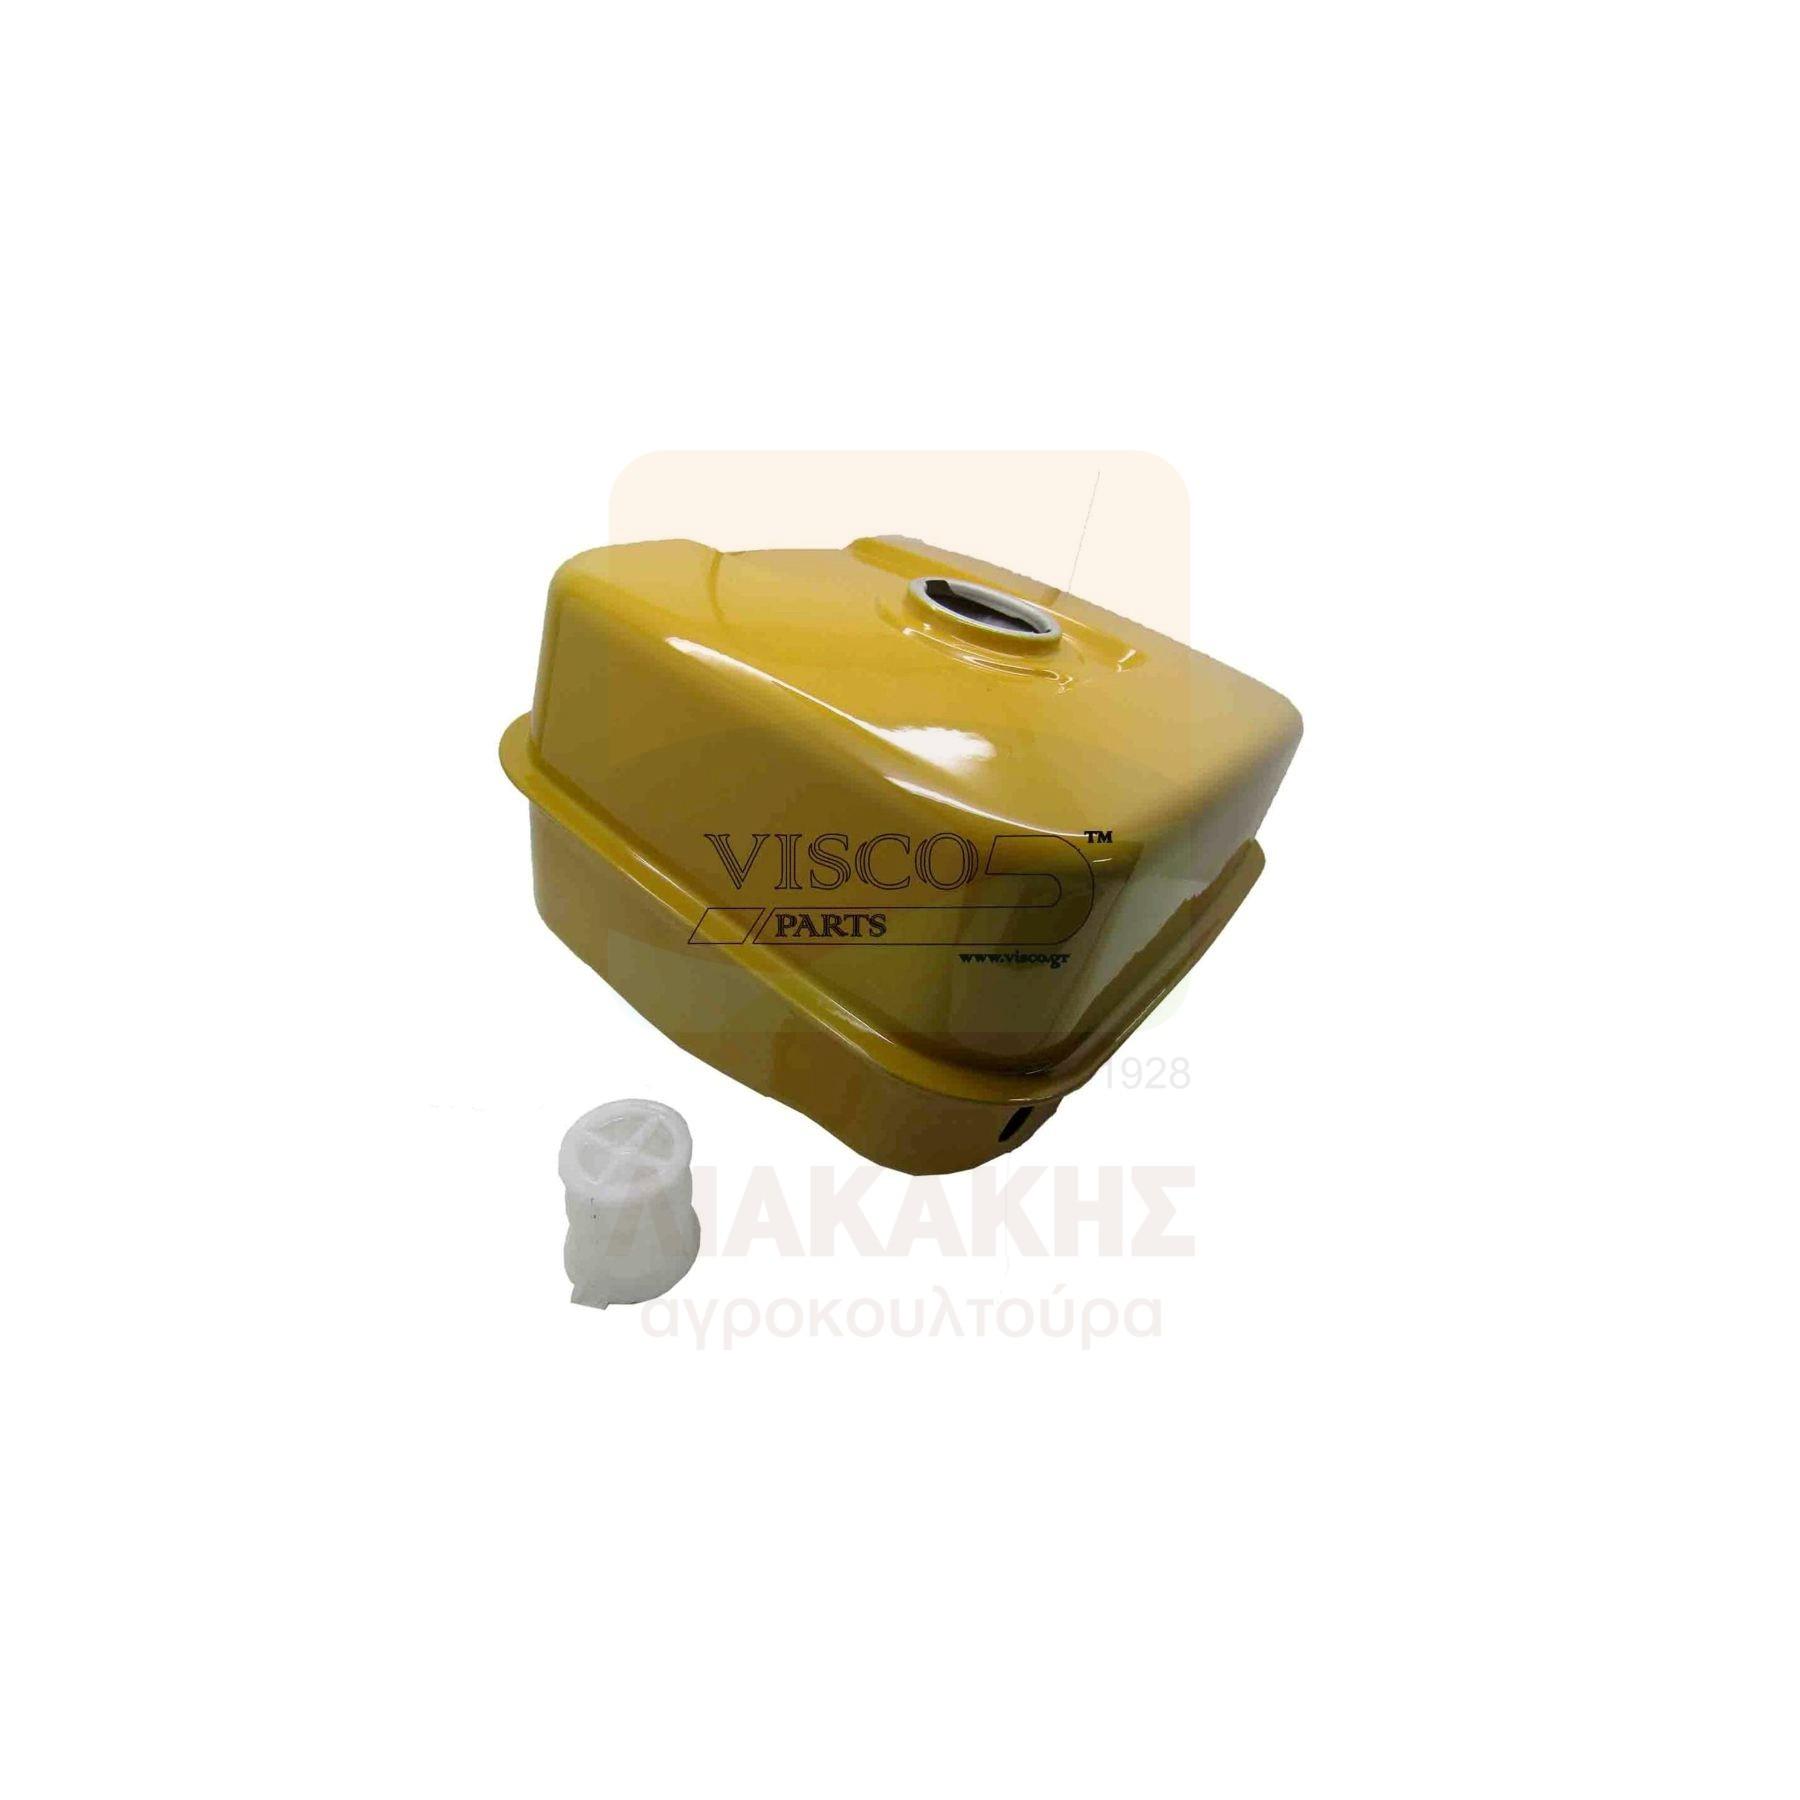 ΔΚΘ-021 Δοχείο Καυσίμου Κινητήρων ROBIN ΕX 27 9.0 HP